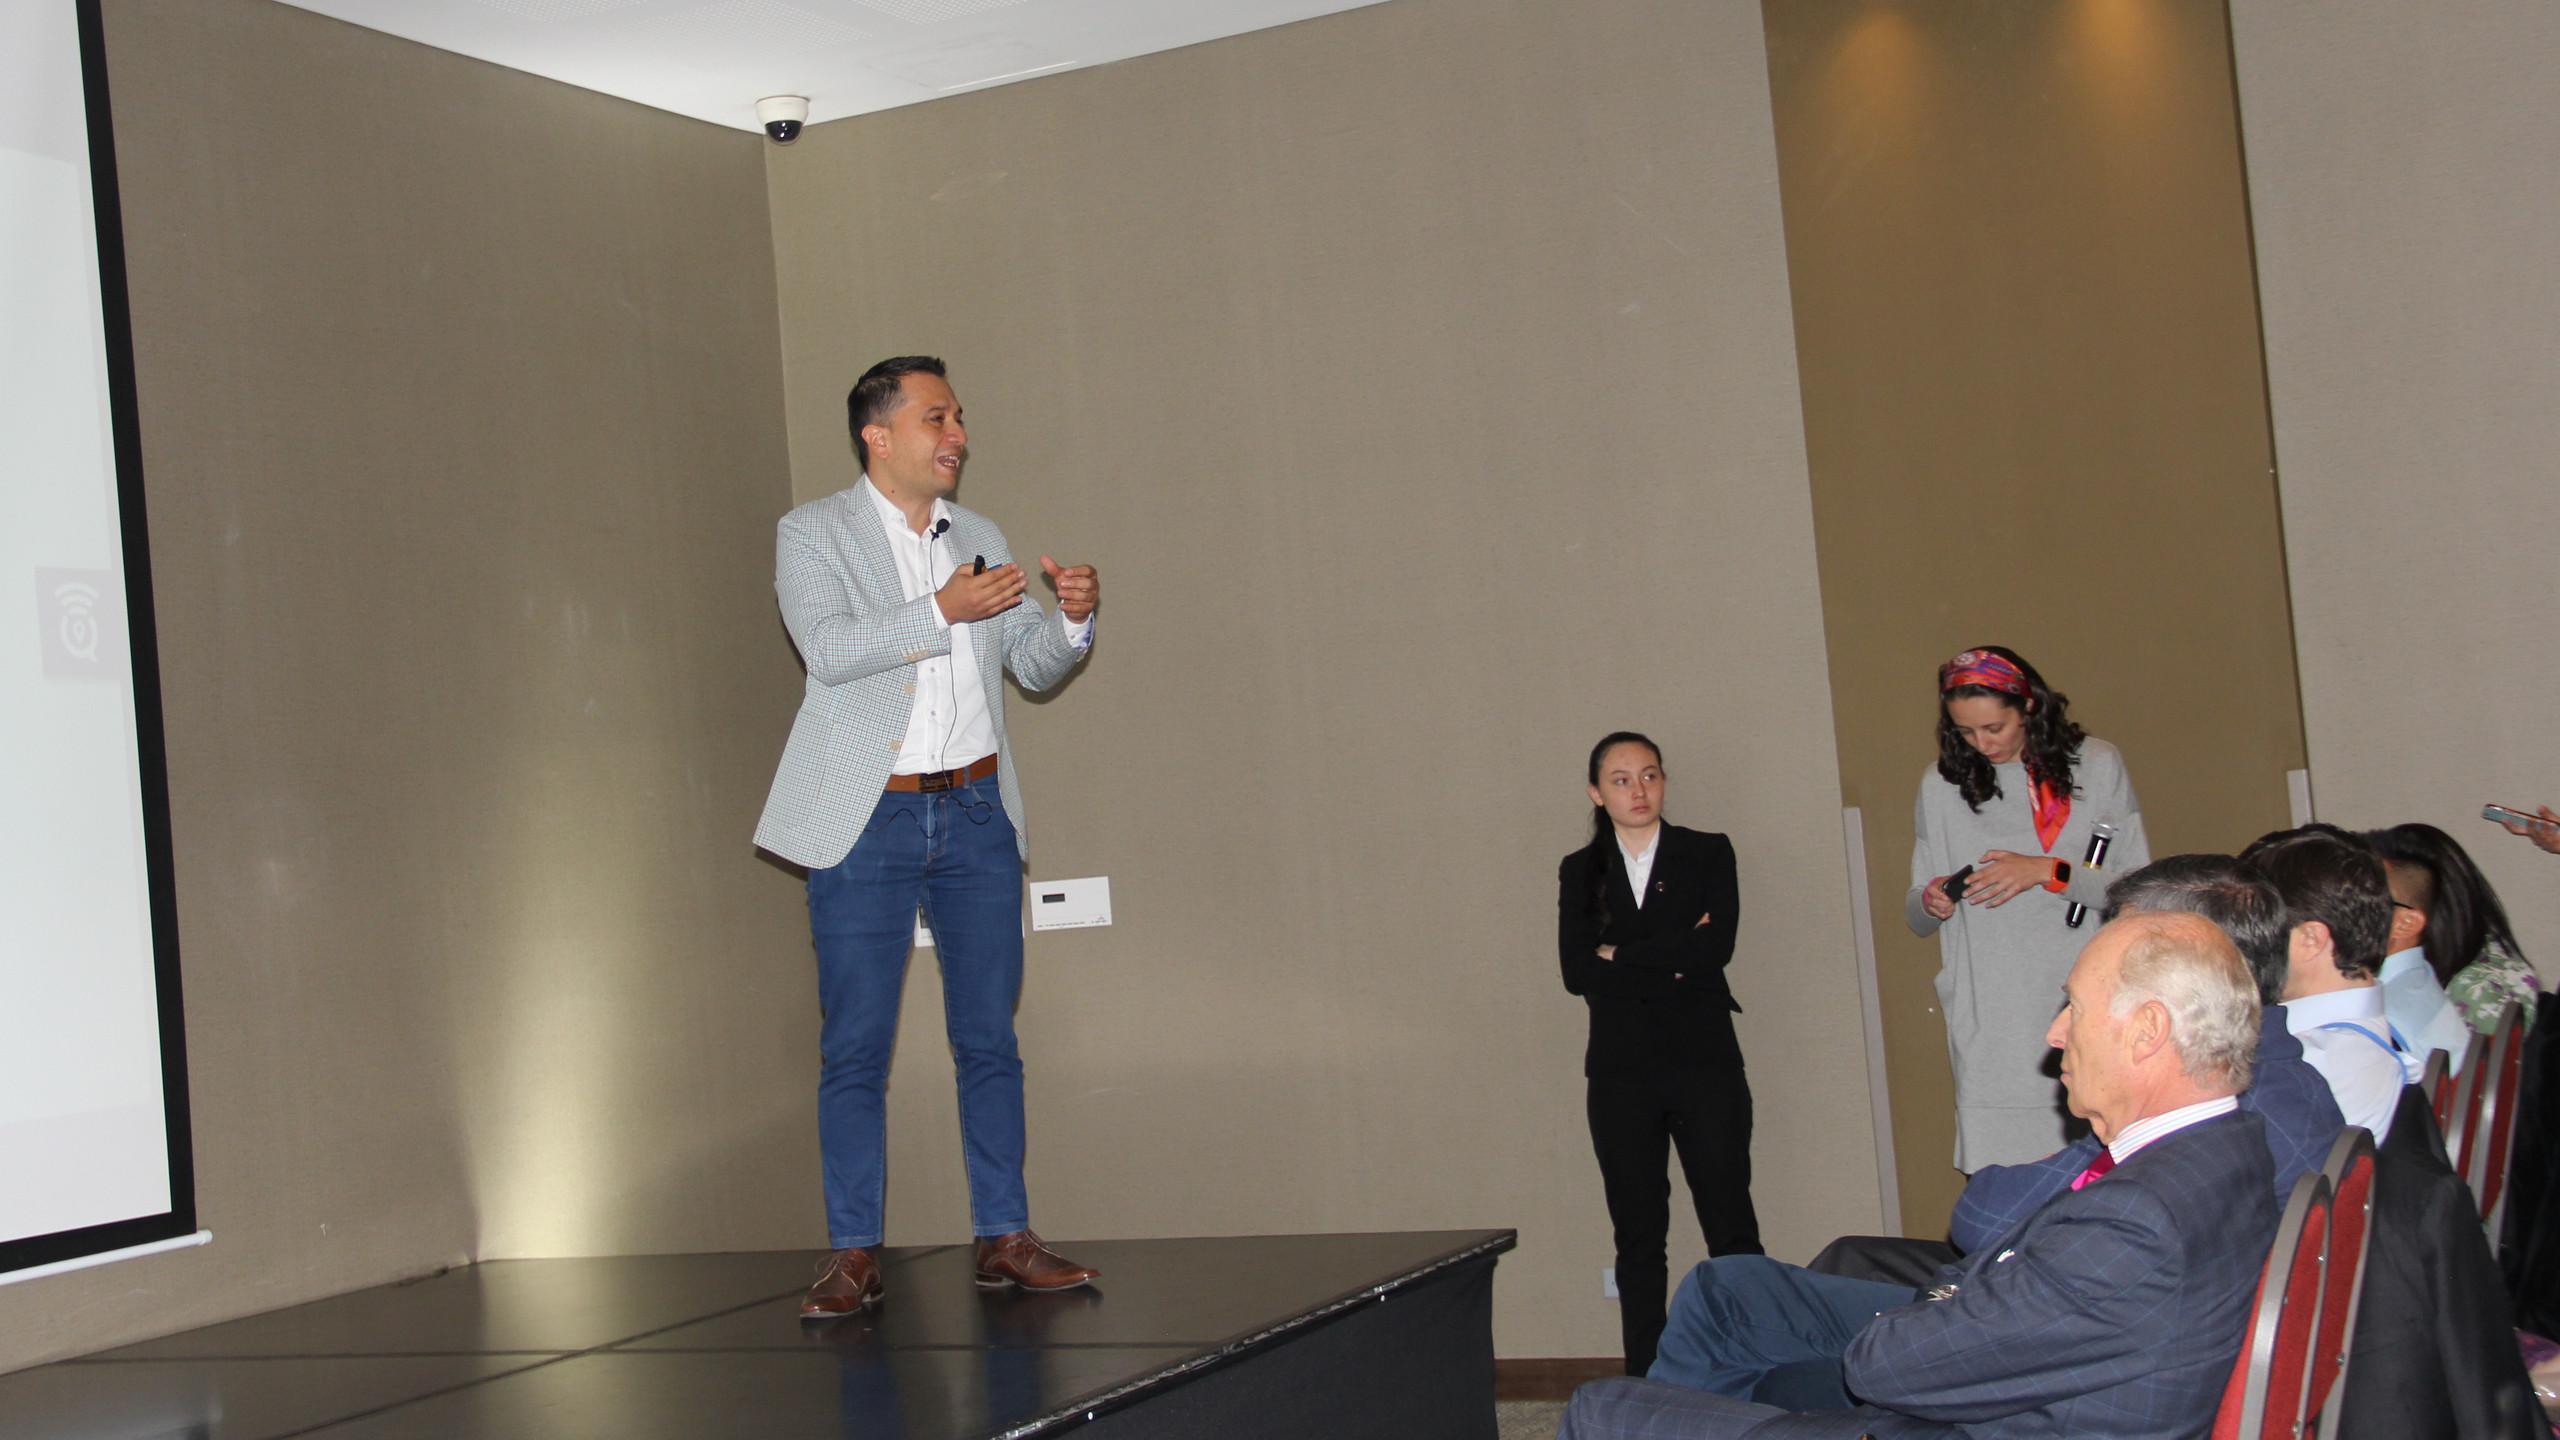 Julian Caviedes, CEO de Smartquick, explica lo que hicieron para resolver el reto de Visión 360 de Inventario de Corona